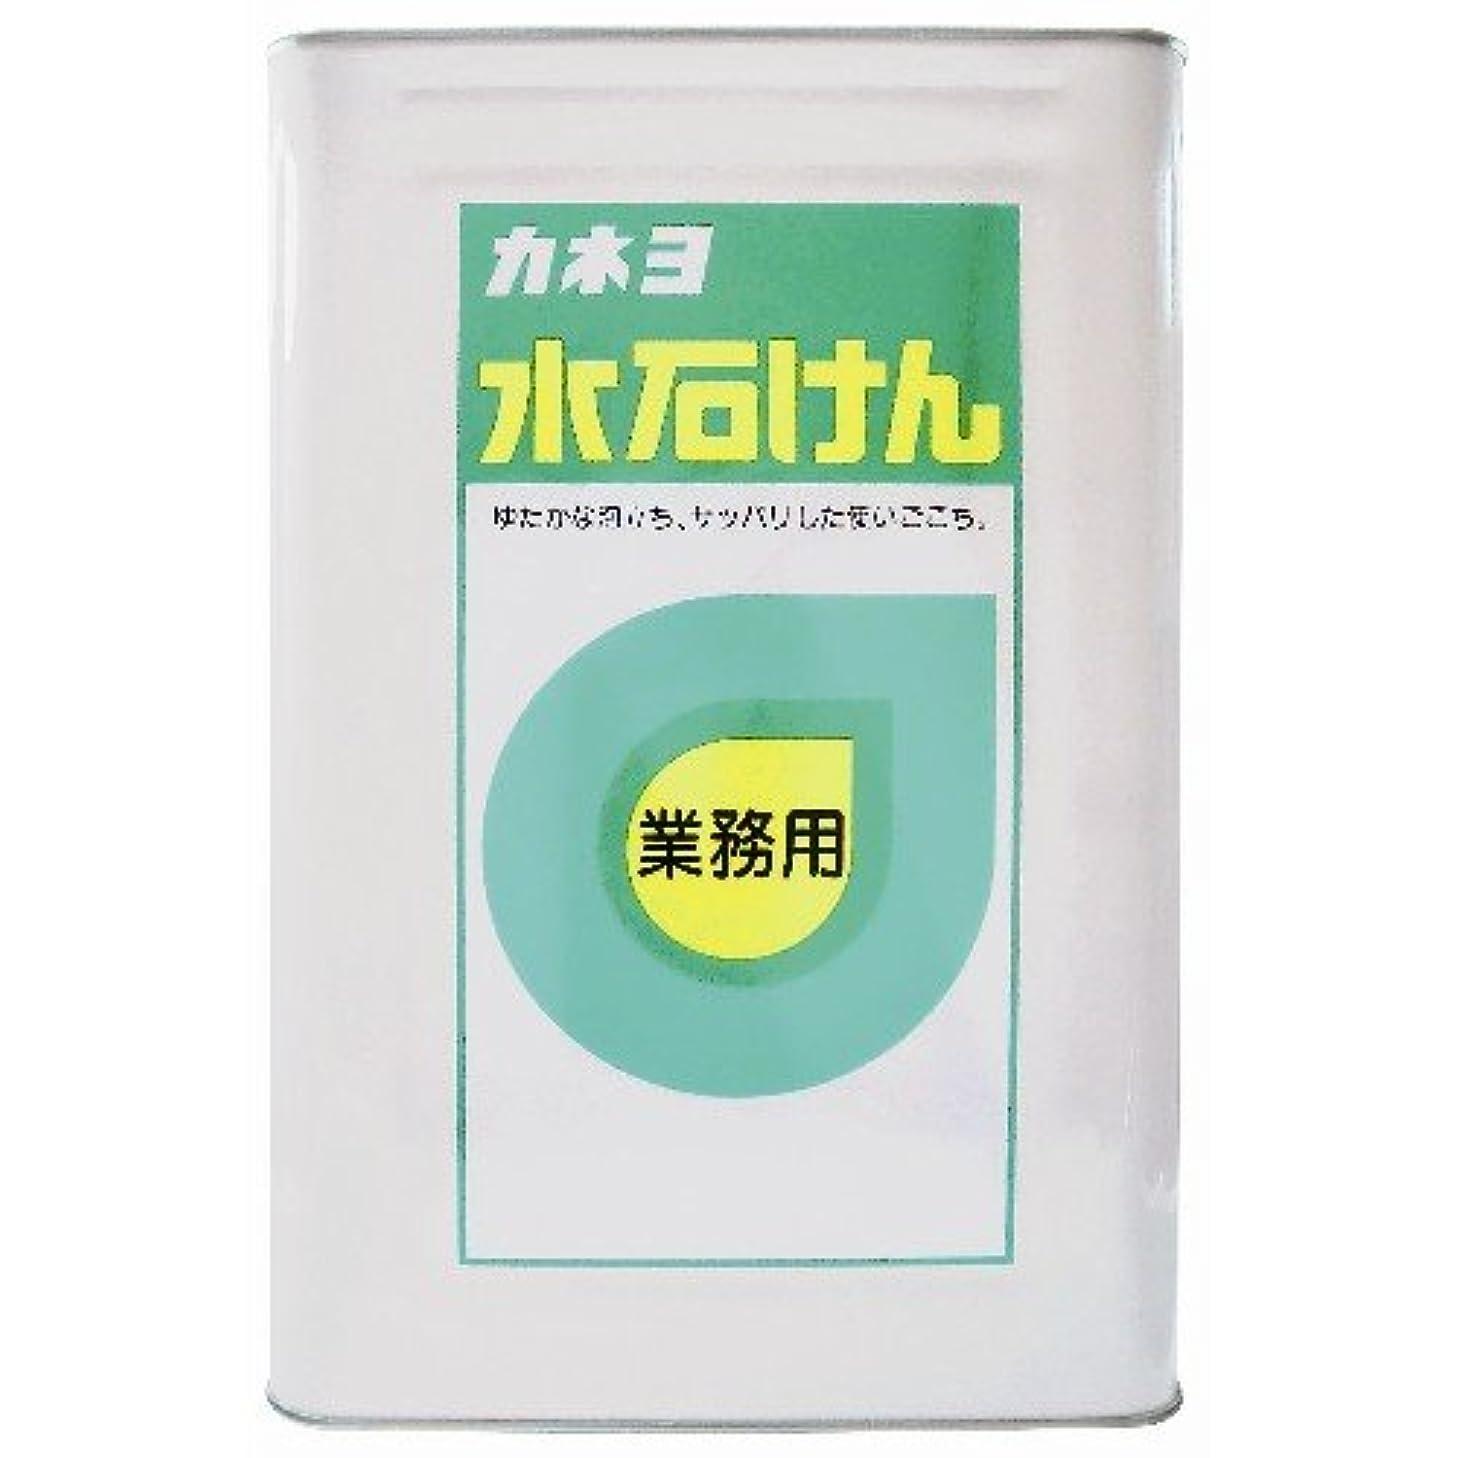 面積狂うポケット【大容量】 カネヨ石鹸 ハンドソープ 水石けん 液体 業務用 18L 一斗缶